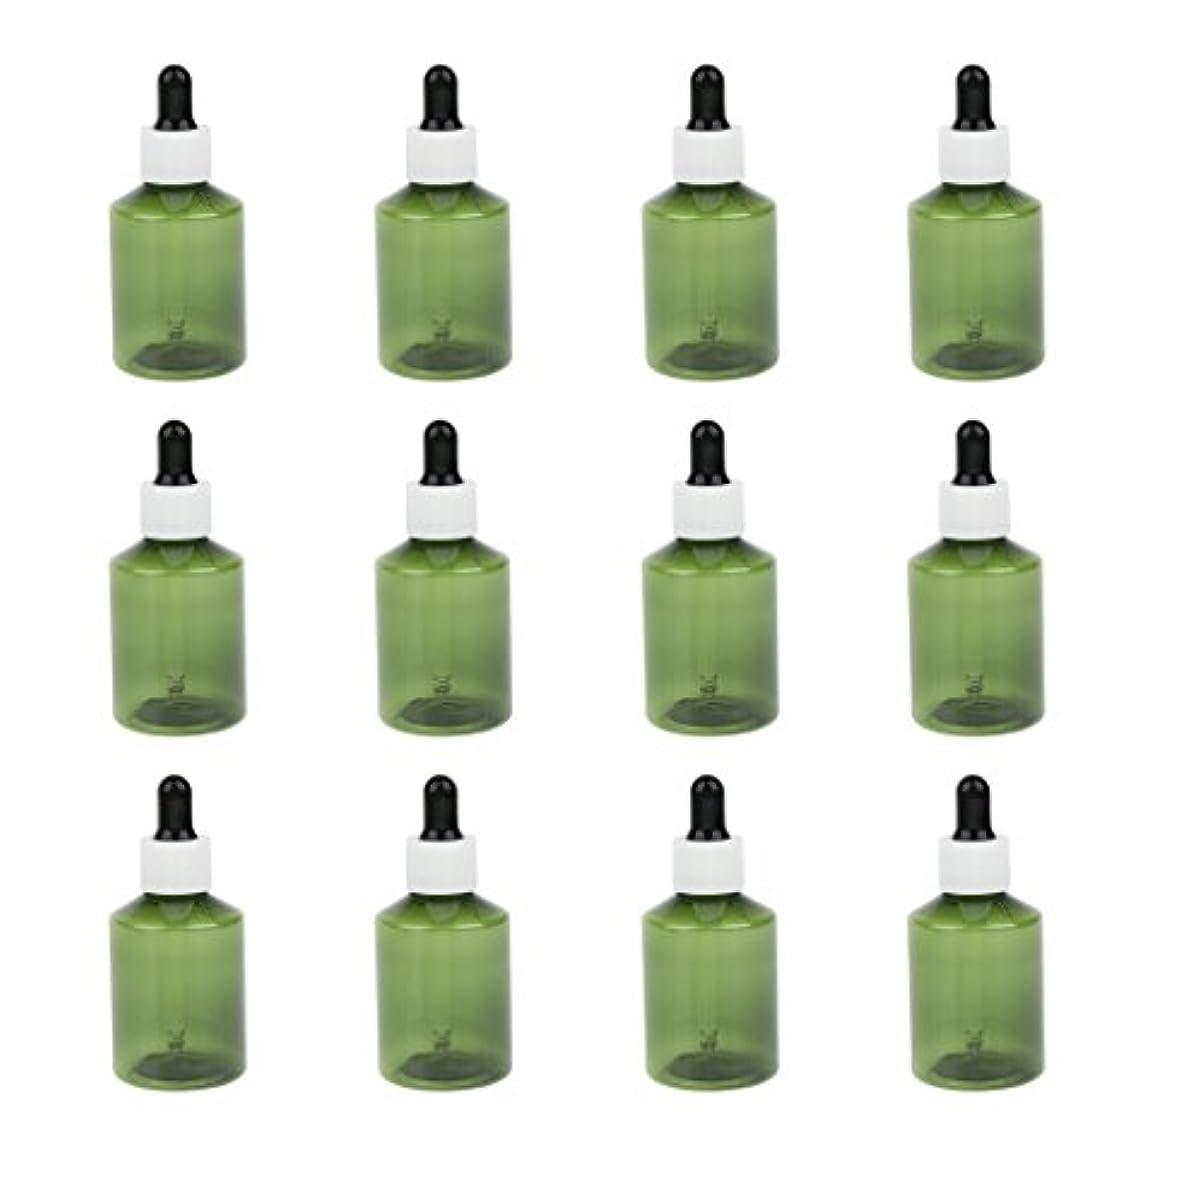 マリン初期のハミングバードドロッパーボトル 詰め替え式 点滴びん 50ml エッセンシャルオイル 精油 6仕様選べ - ホワイトキャップブラックドロッパー